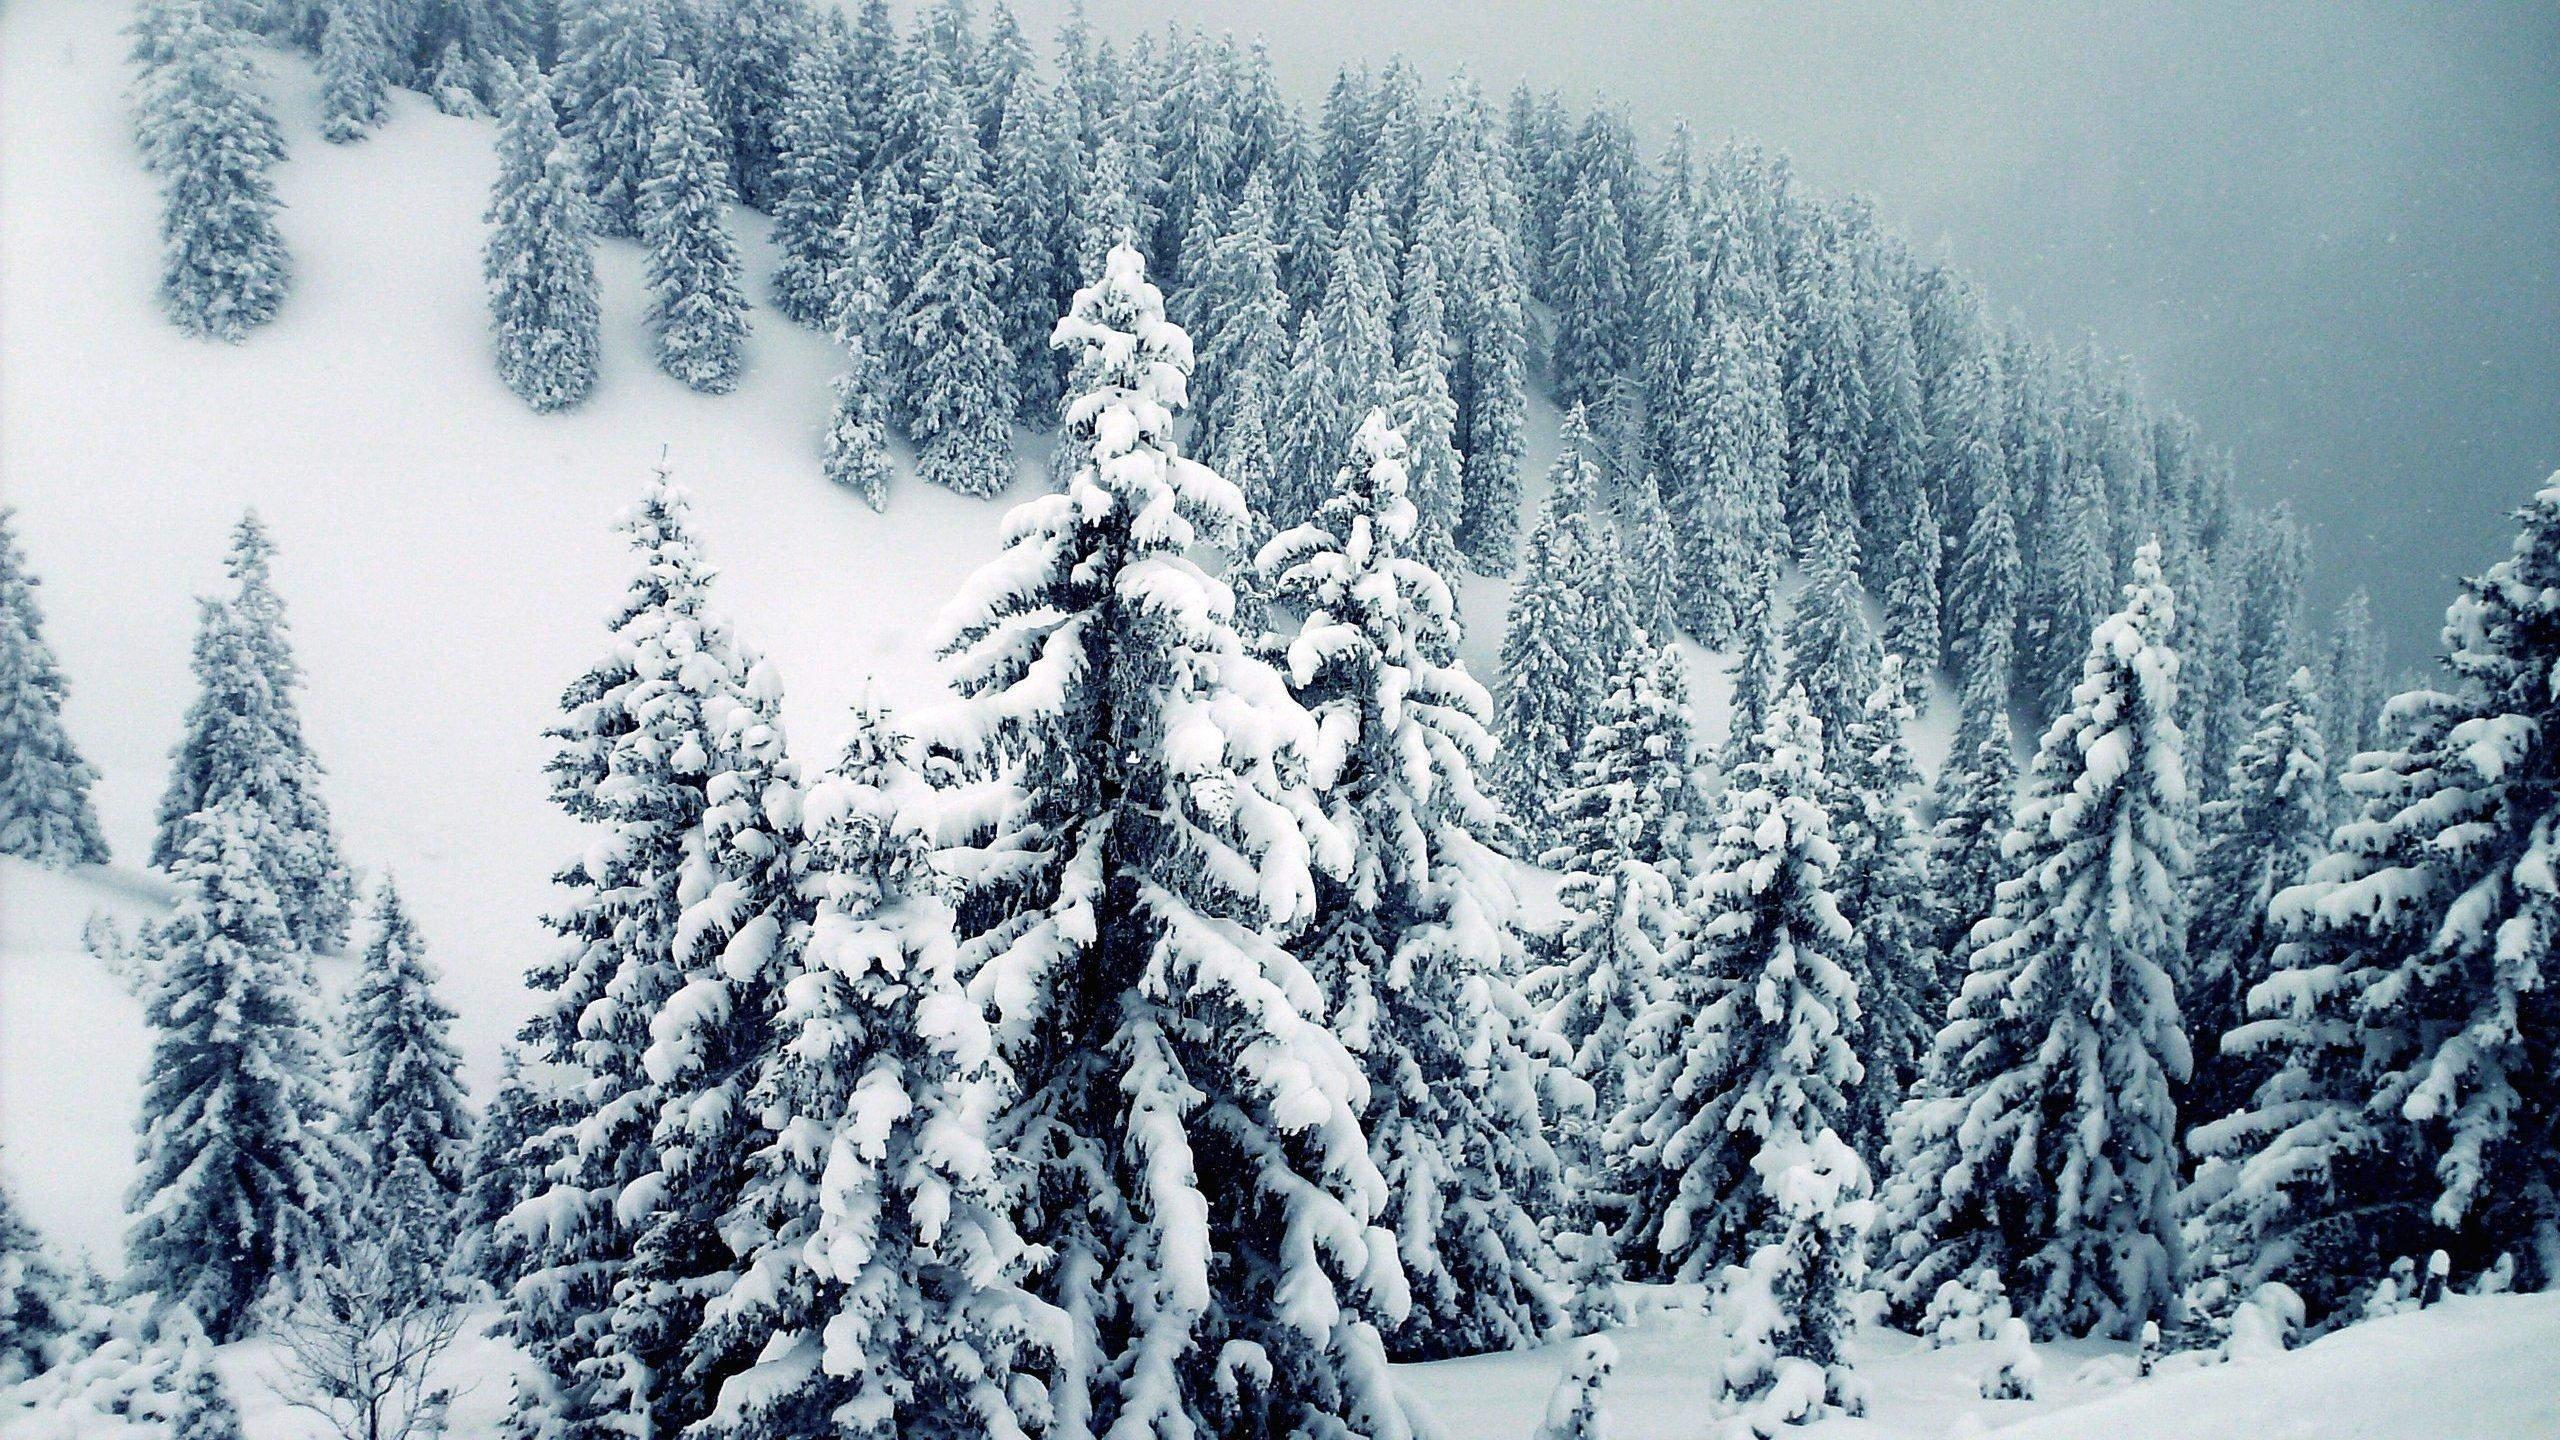 White Tree Winter HD Desktop Wallpaper for K Ultra HD TV